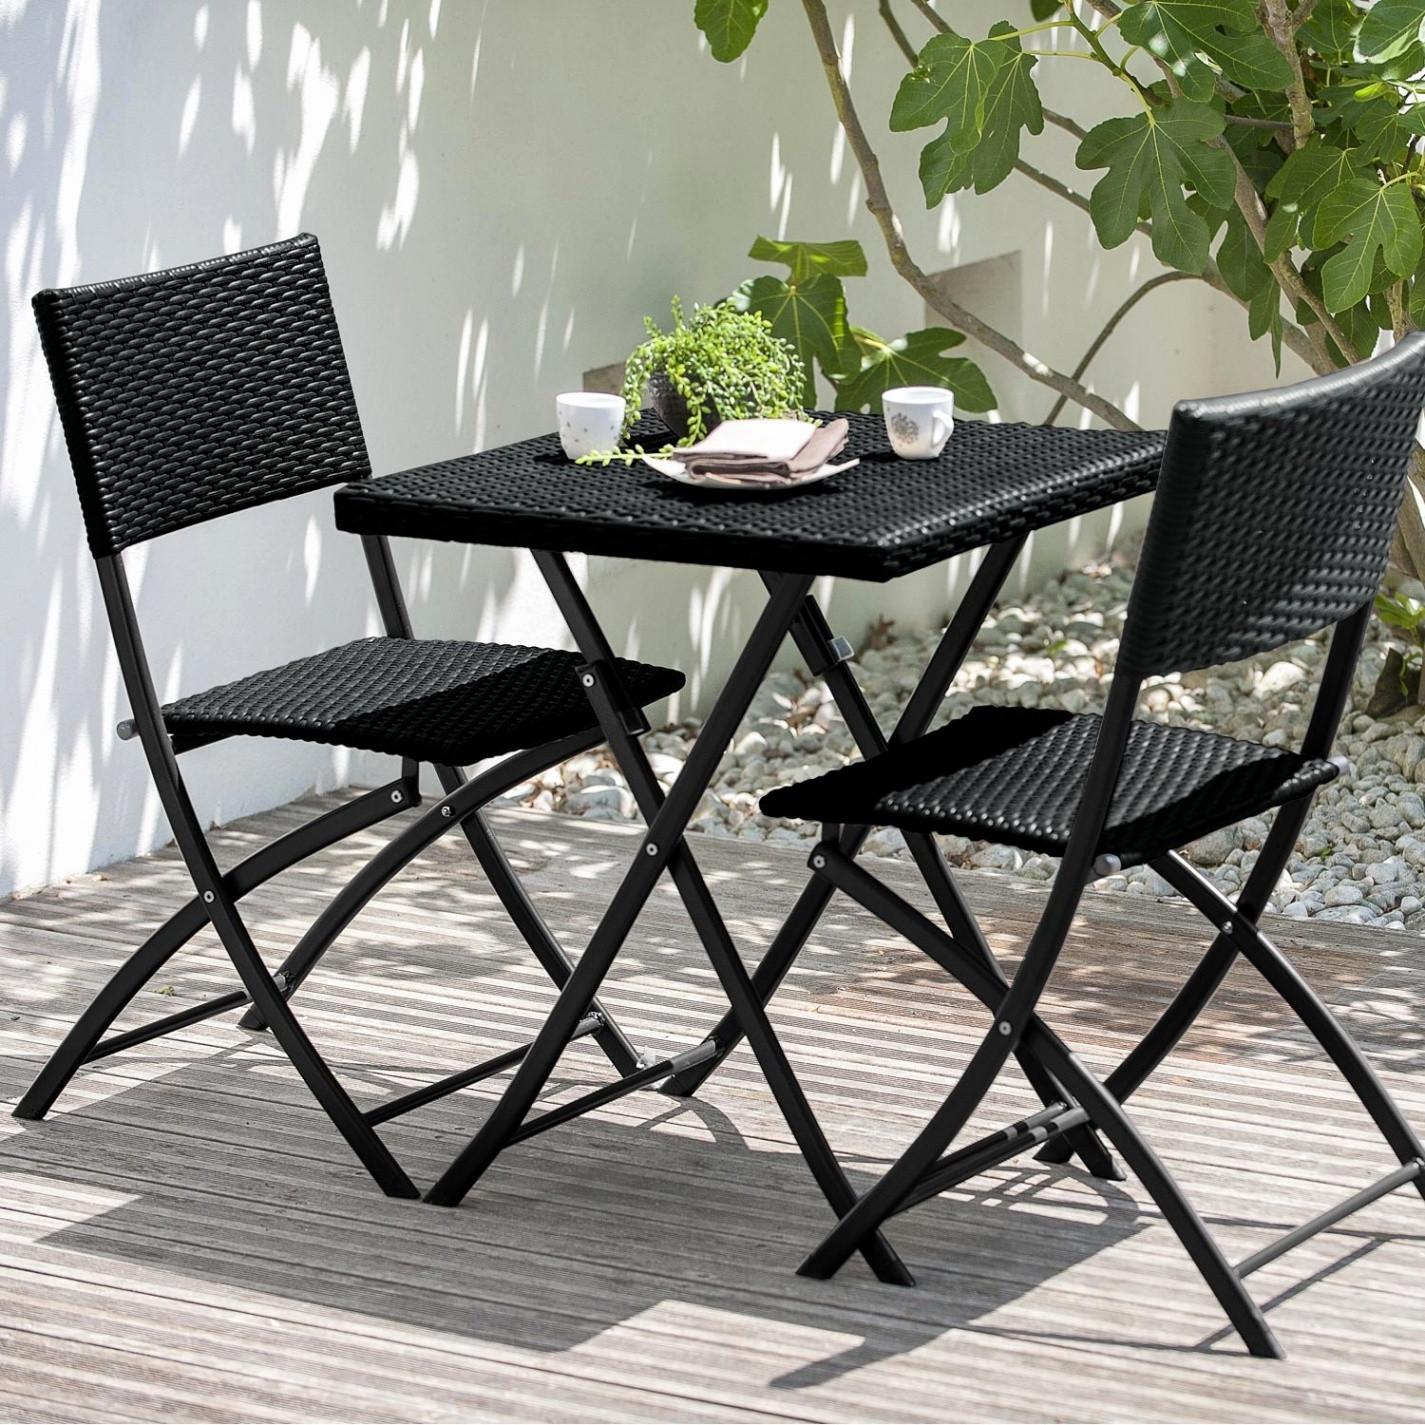 Table De Jardin Plastique Blanc Luxe Table De Jardin Plastique Blanc Fauteuil Jardin Blanc